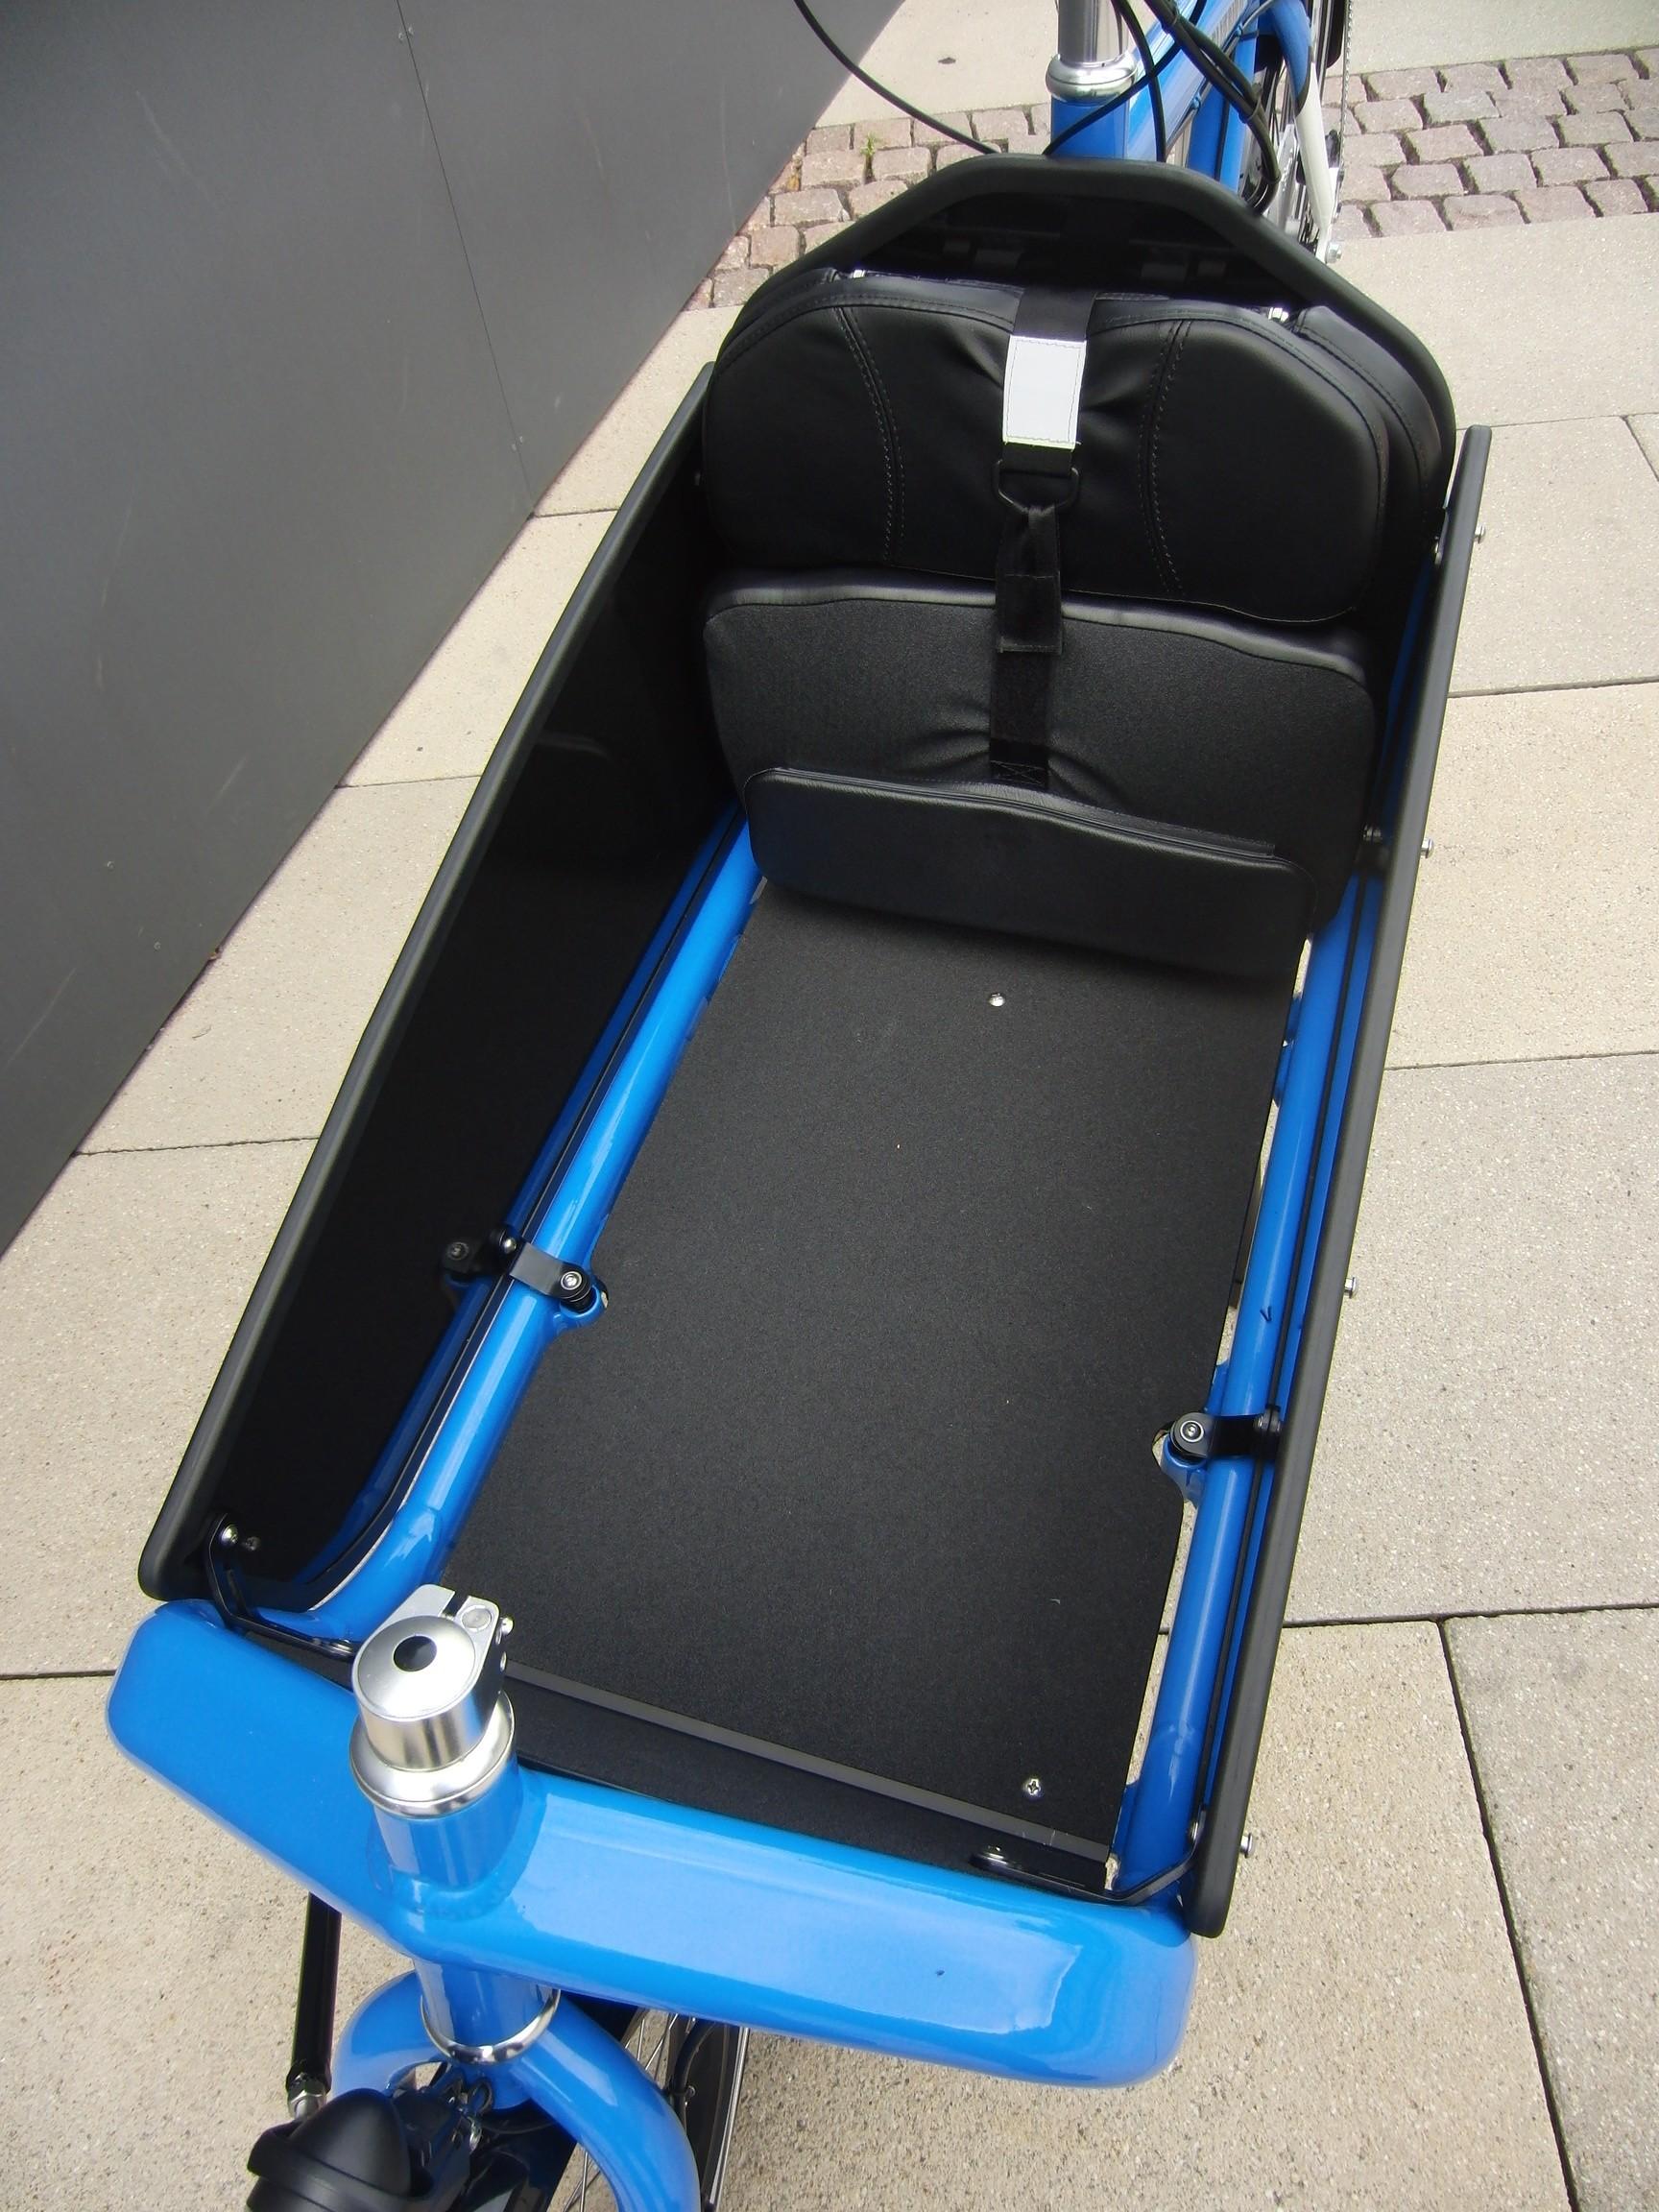 Bullitt Kindersitz 20inch Cargobike Darmstadt